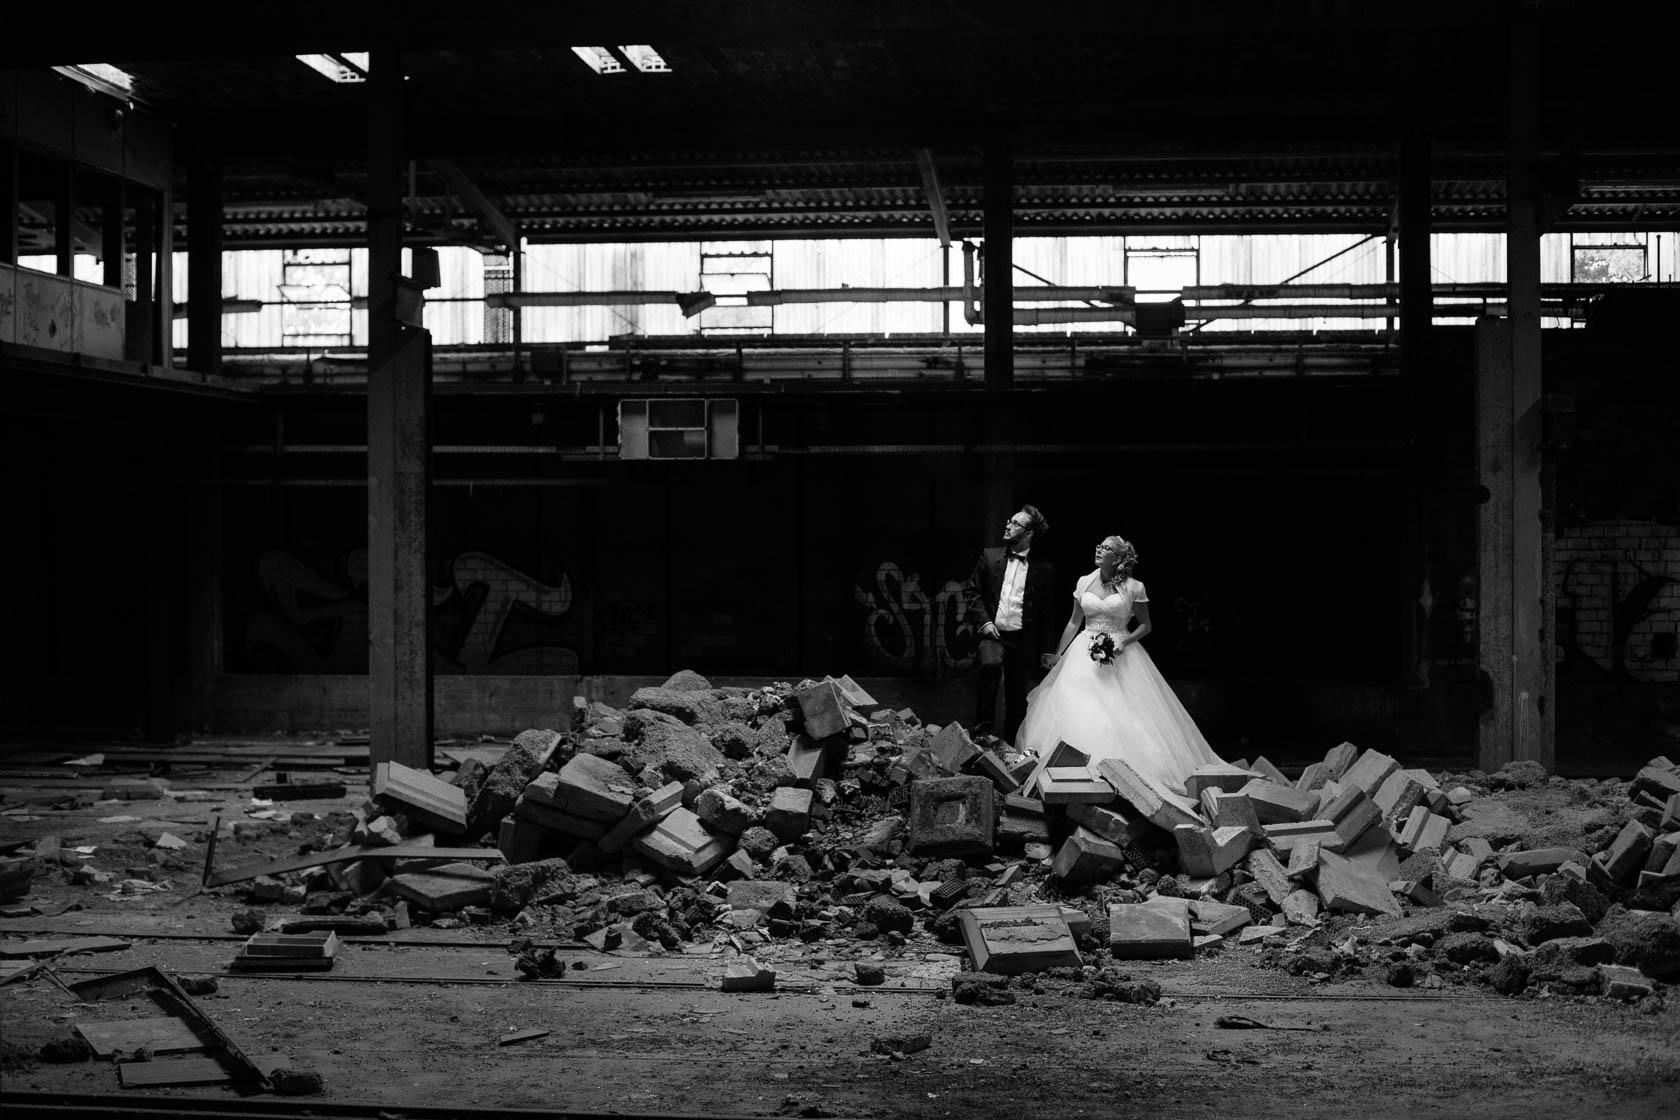 After Wedding Shoot Eileen und Christoph ungewöhnliche Hochzeitsfotos Alte Fabrik Raum Mannheim